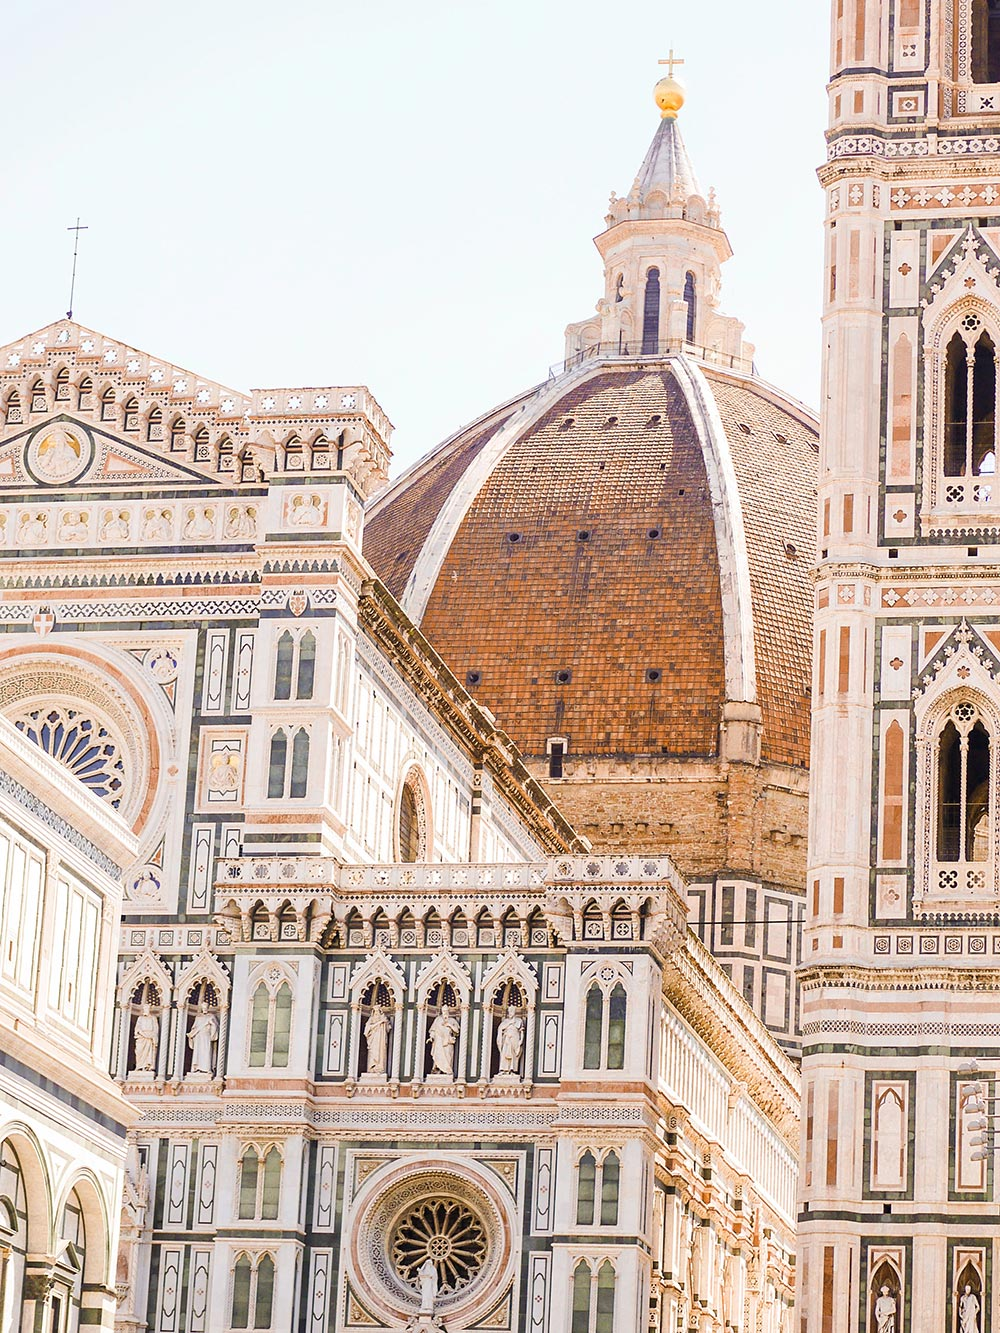 Il duomo di Firenze